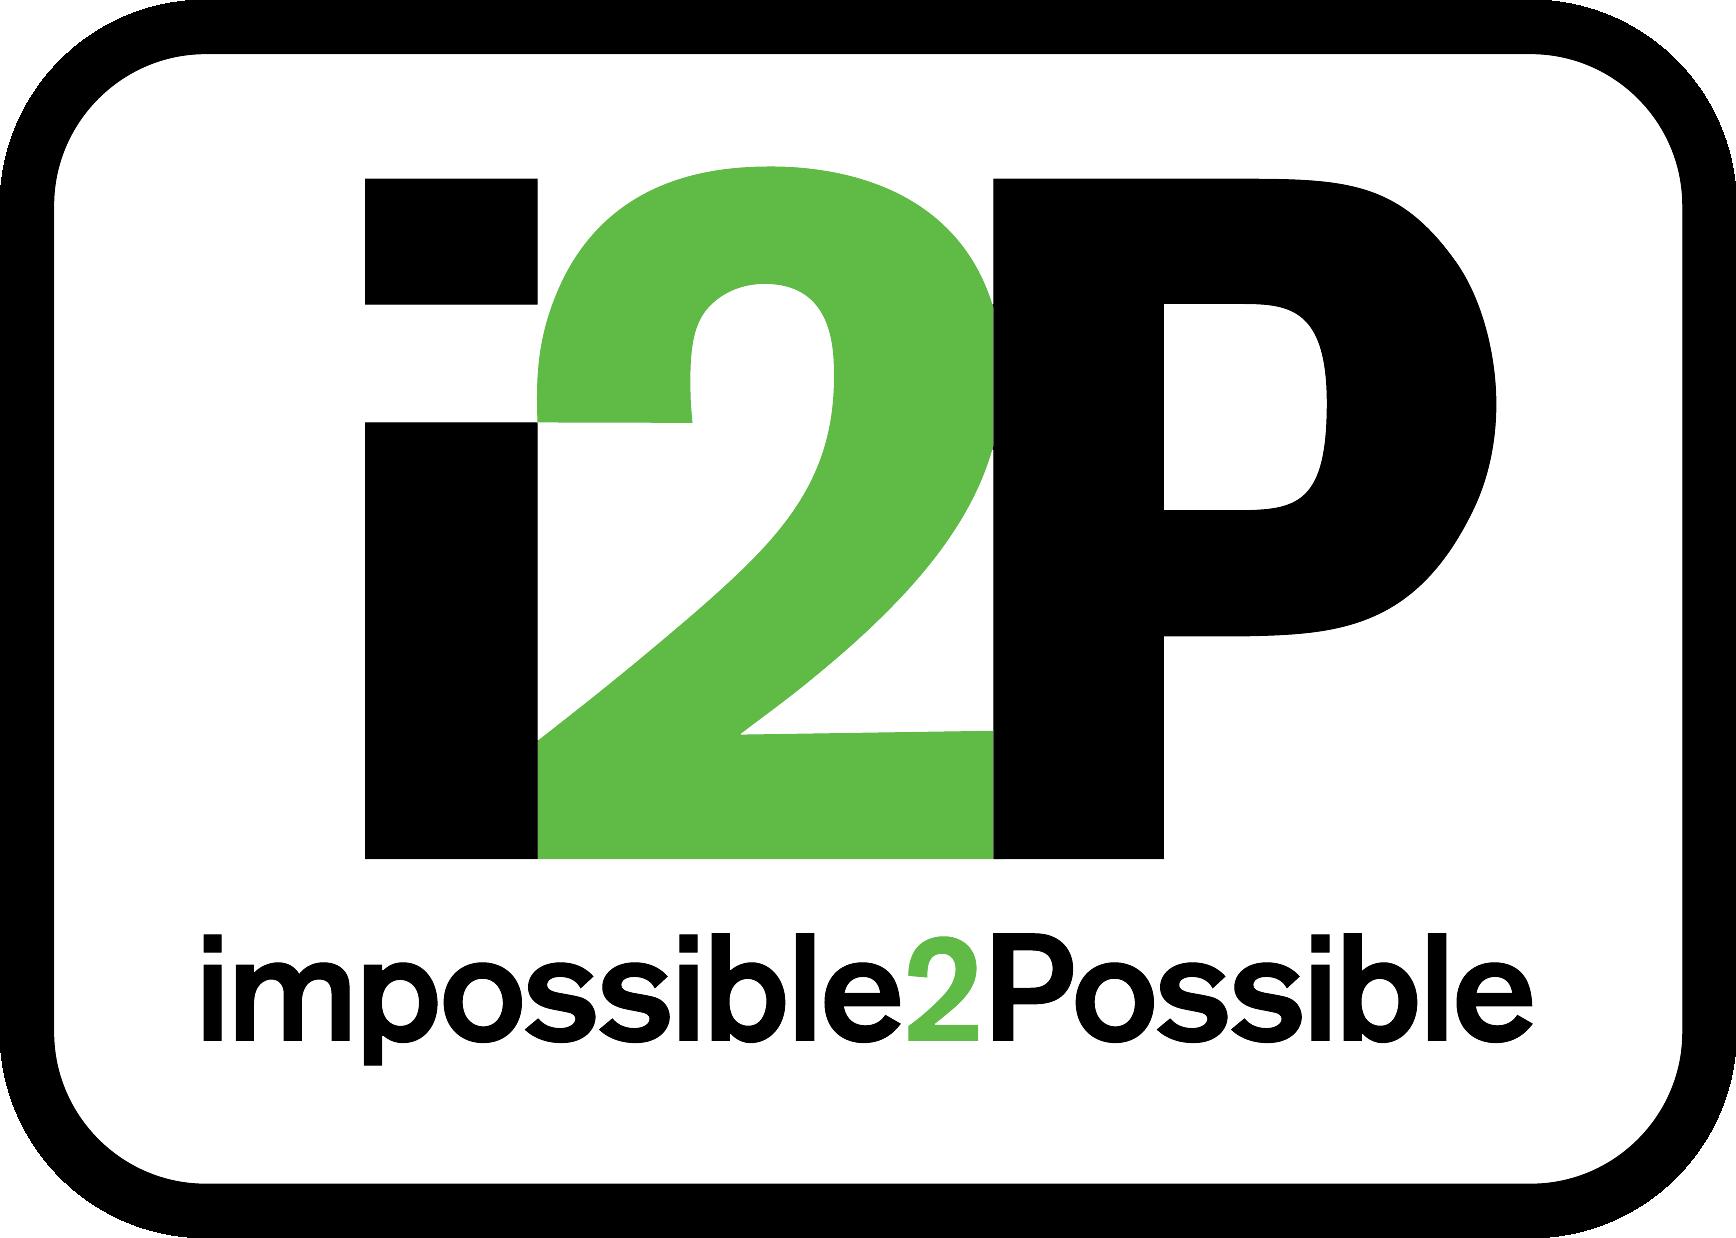 avec i2p